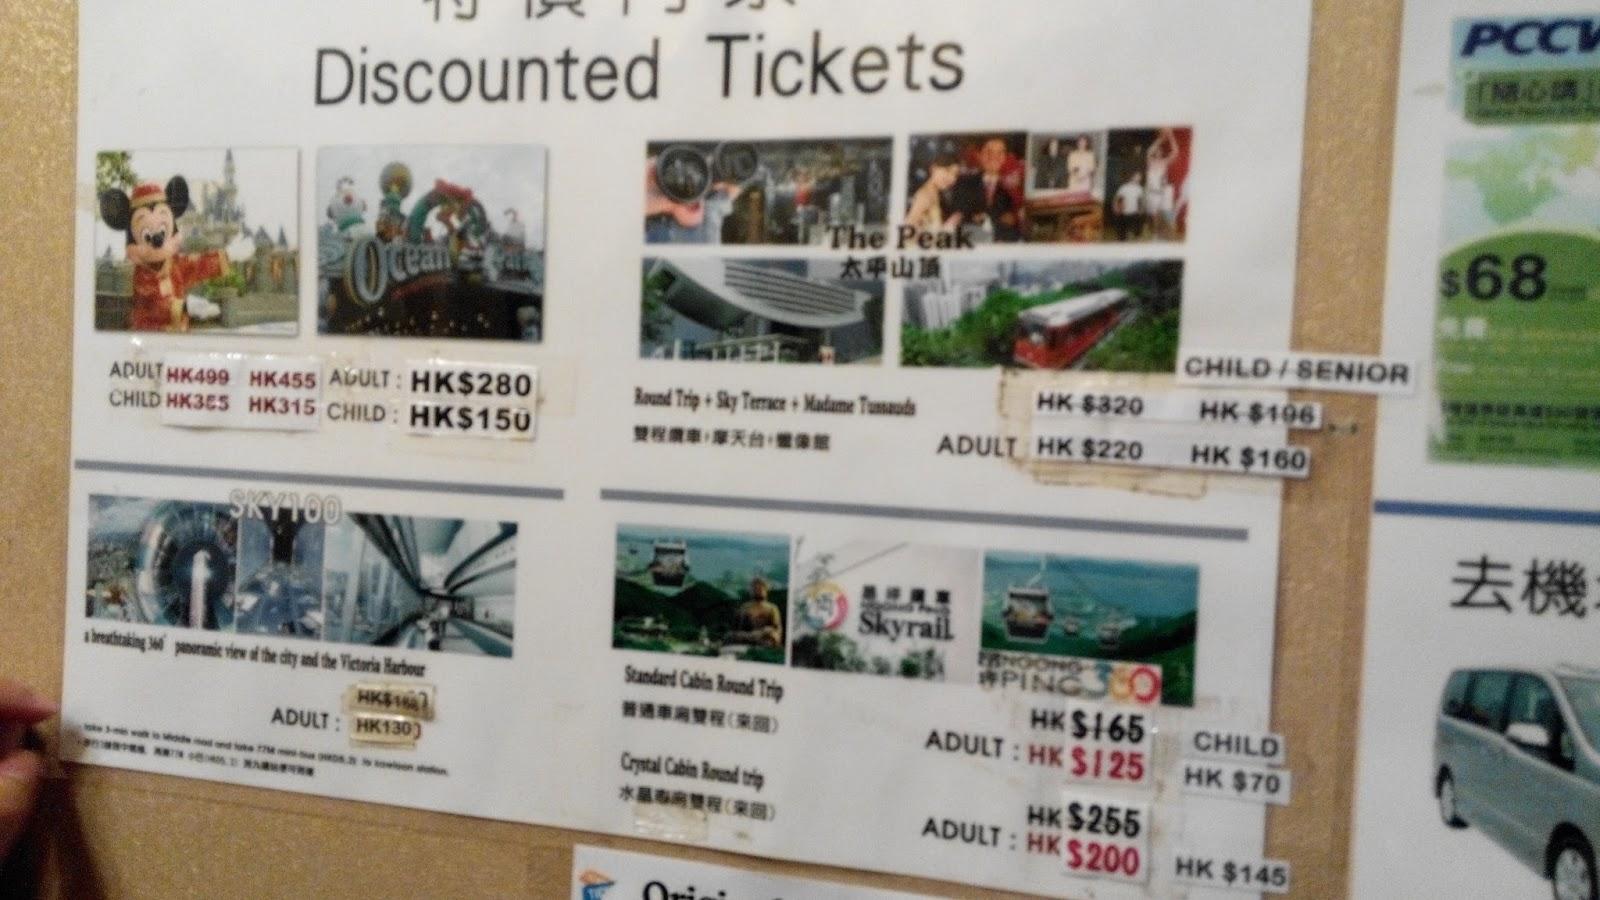 My Story Travelling Hongkong Macau Tiket Disneyland Dewasa Ter Hari Kedua Ini Rencananya Adalah Ke Gw Berangkat Dari Hostel Sekitar J 10 Karena Ketemuan Dengan Auntie Dulu Yang Mampir Hosteln